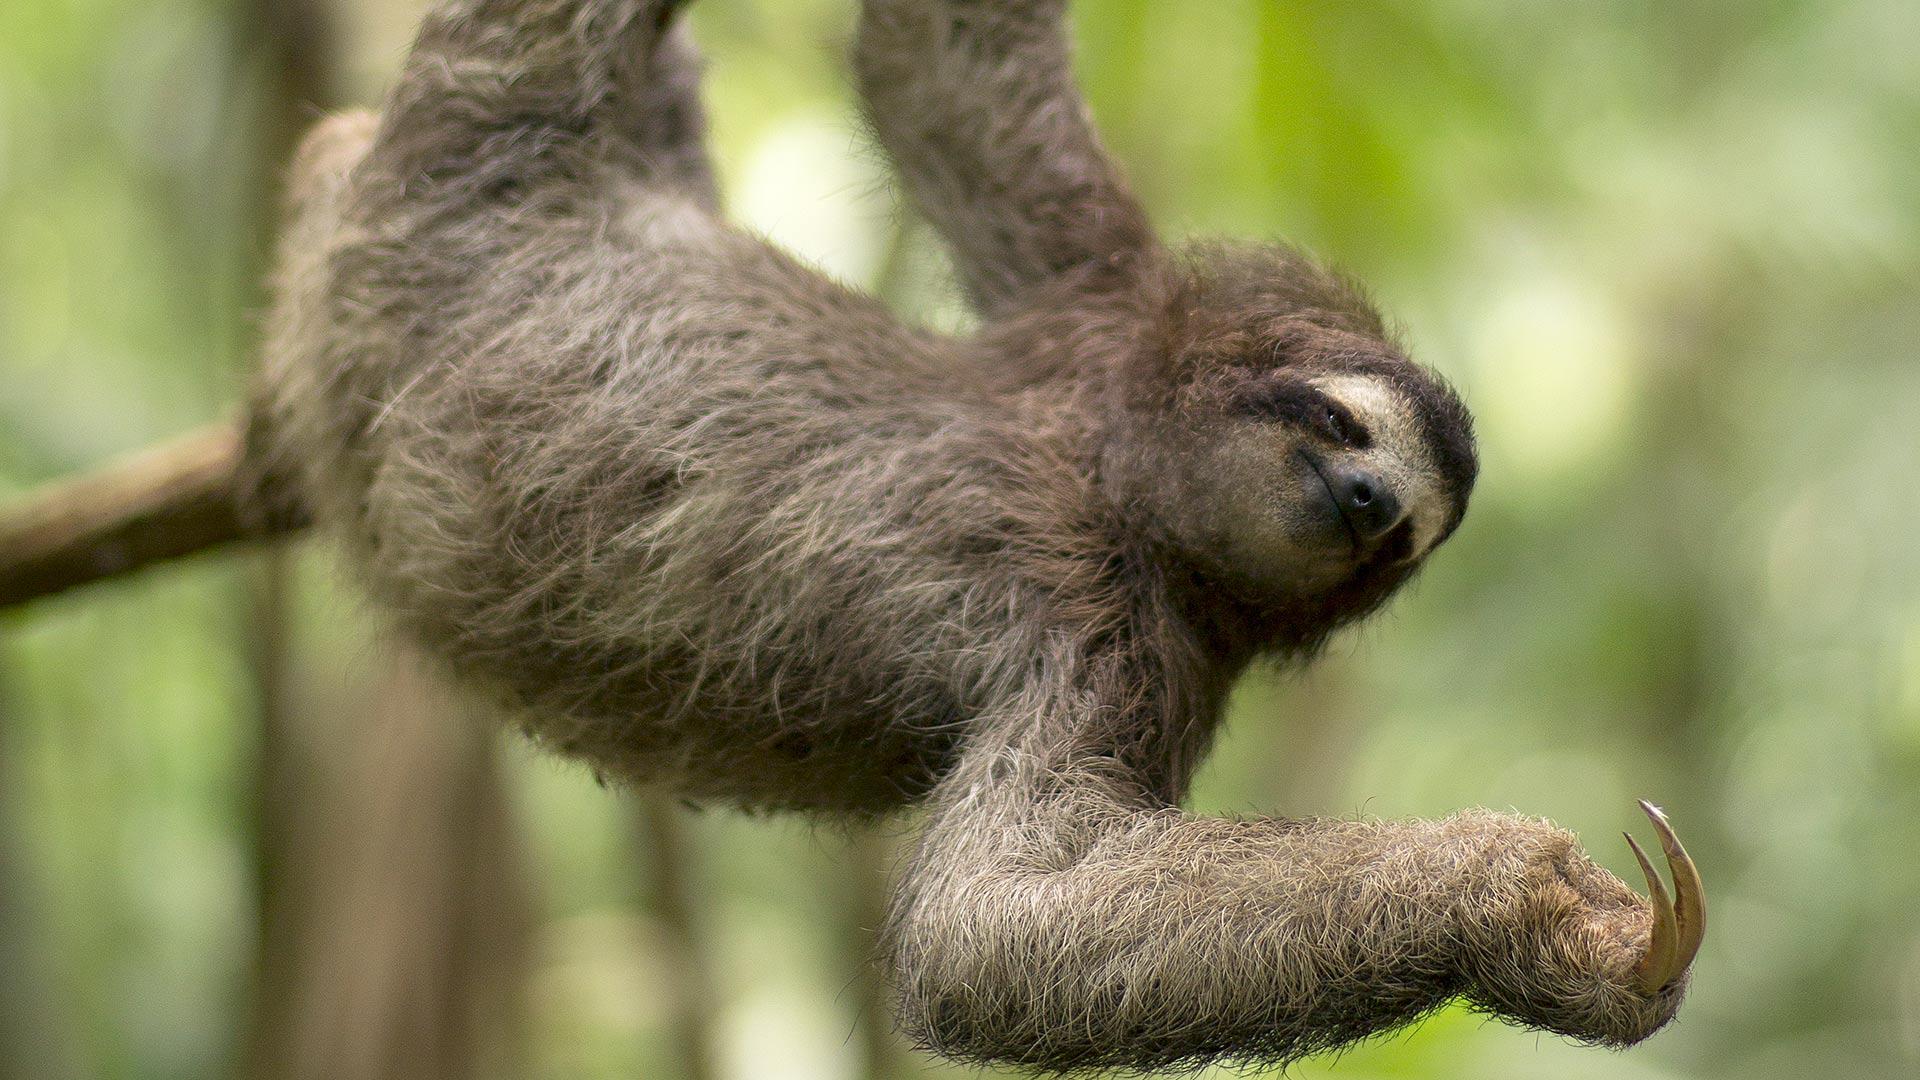 nature_born_rebels_sloth_hero